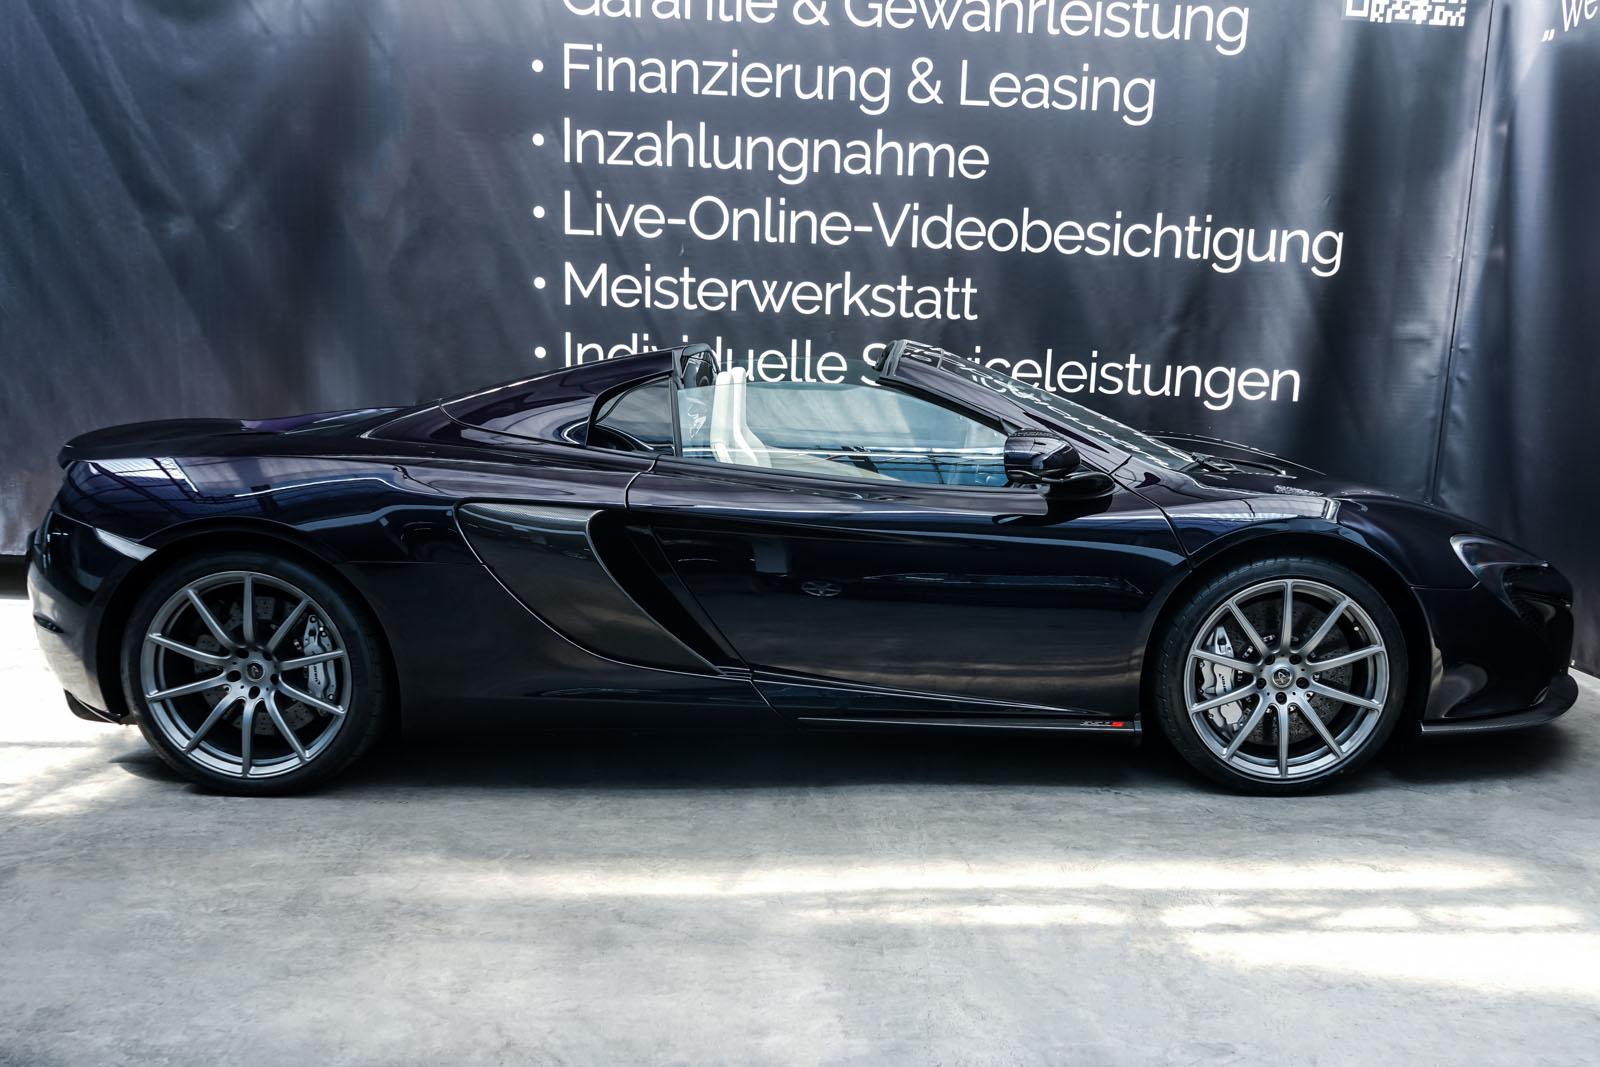 McLaren_650S_Spider_Schwarz_Weiß_MCL-6007_21_w